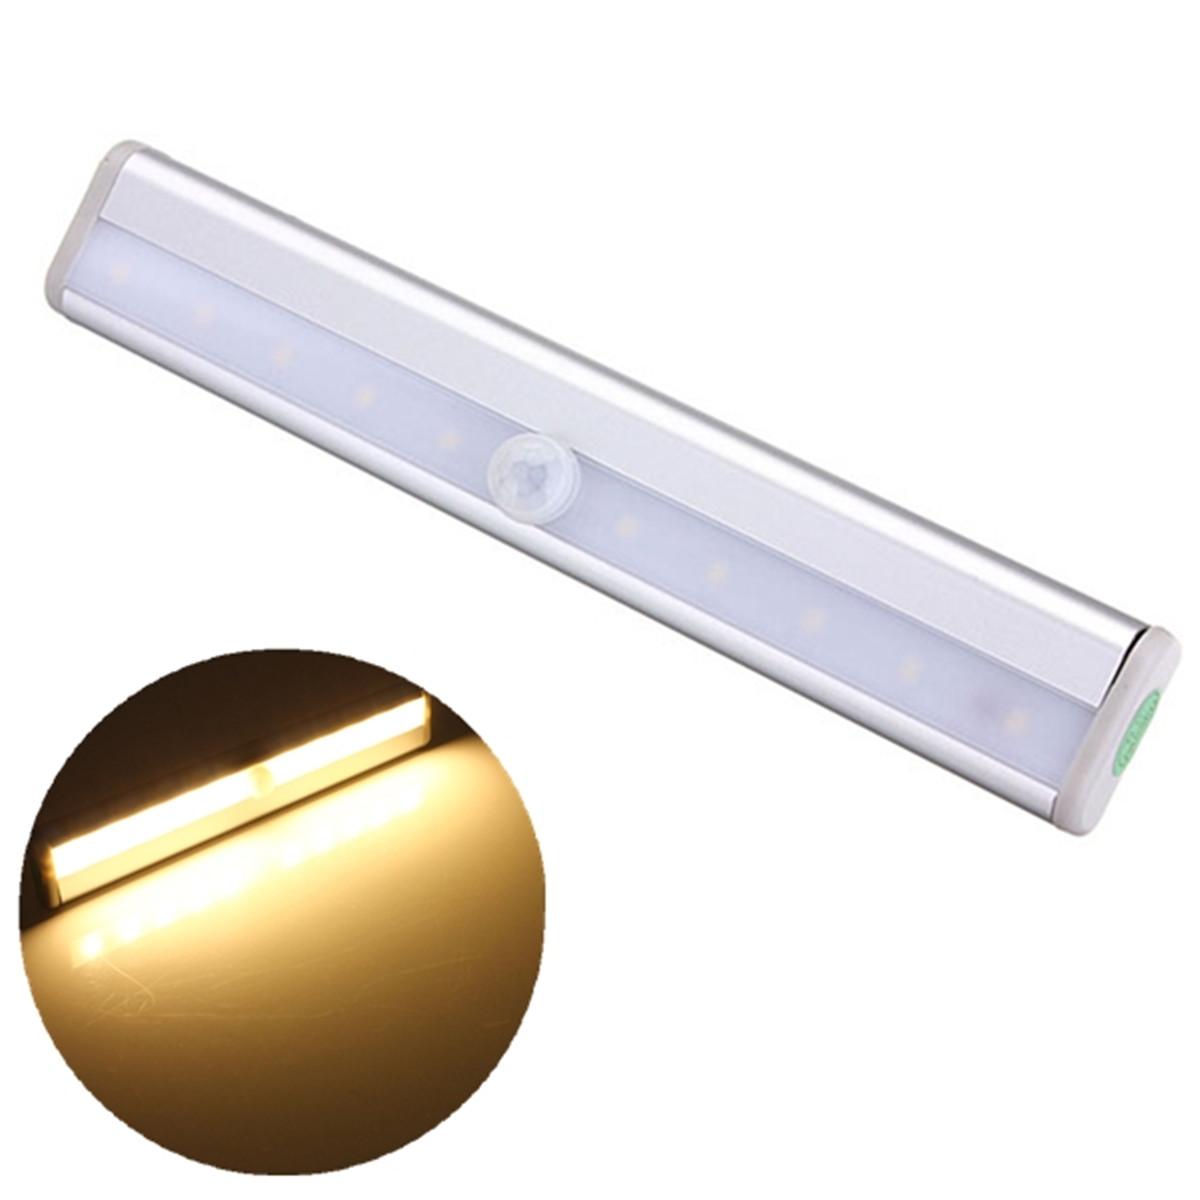 10 led pir motion sensor under cabinet strip light bar cupboard closet lamp ebay. Black Bedroom Furniture Sets. Home Design Ideas